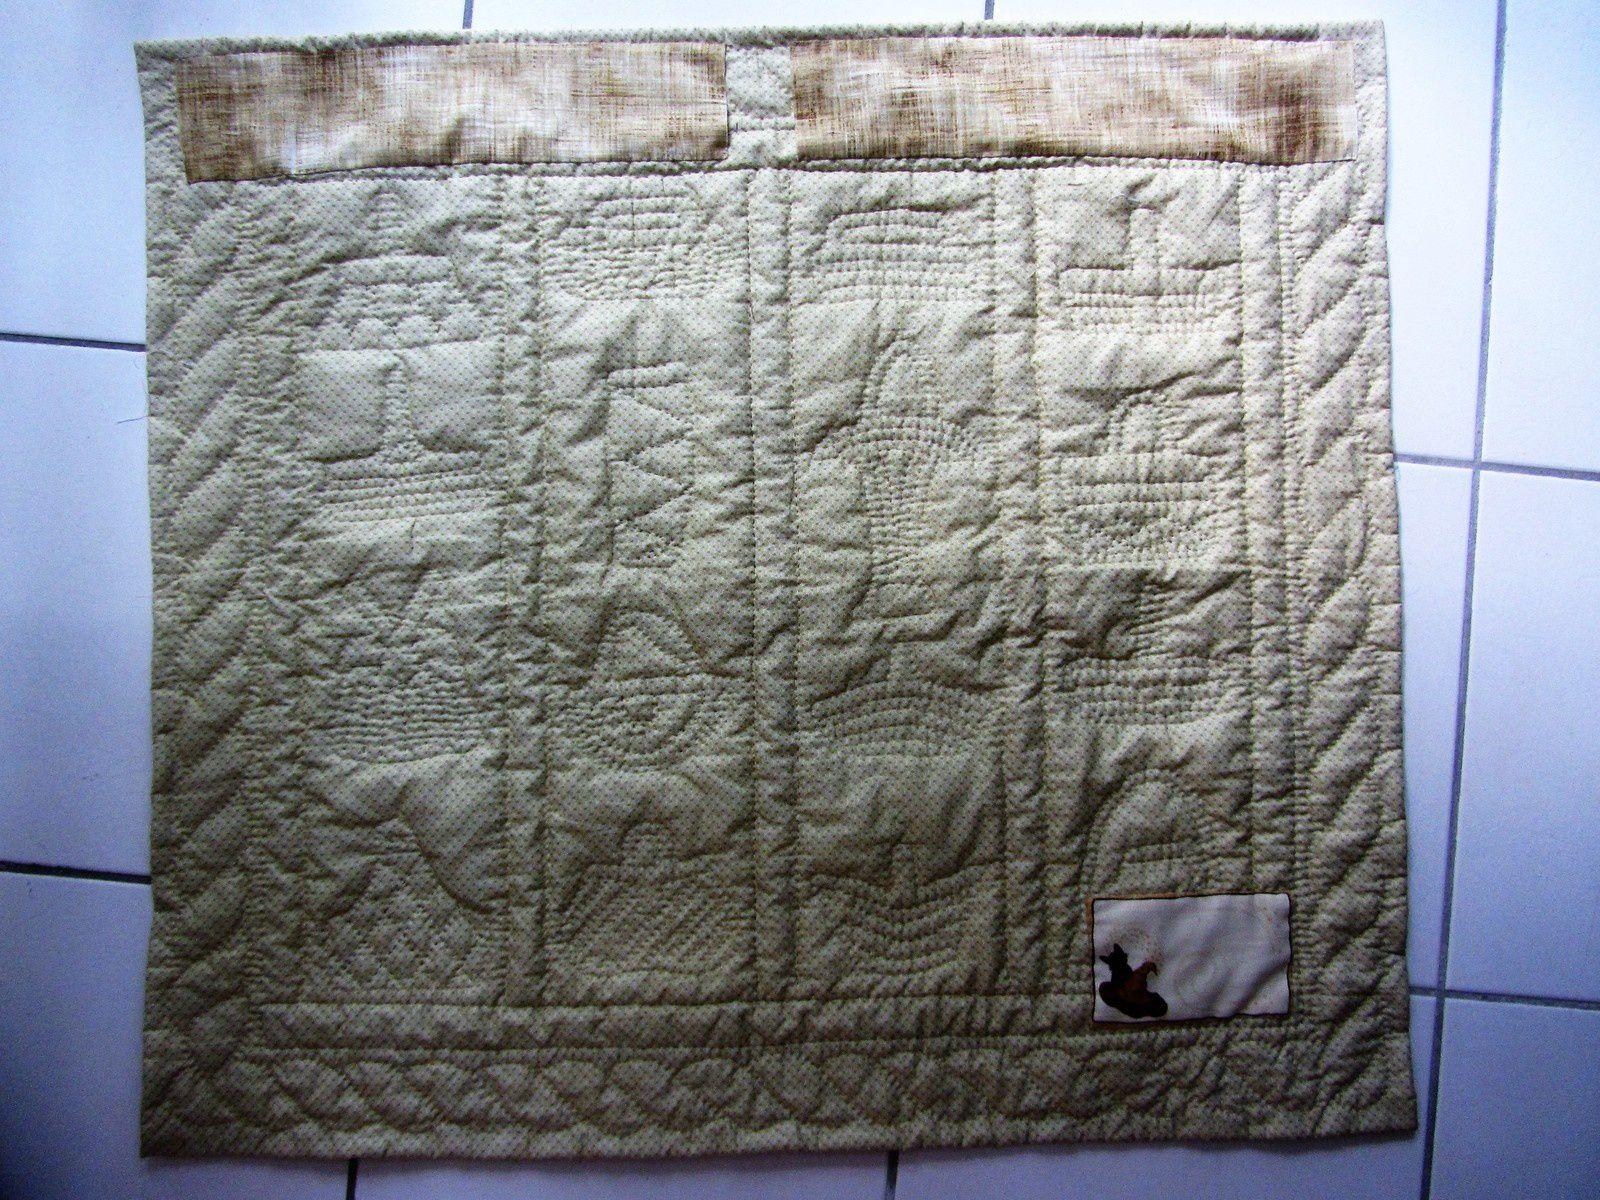 Et voici le dos du panneau quilté, avec son étiquette et les manchons pour l'accrocher.